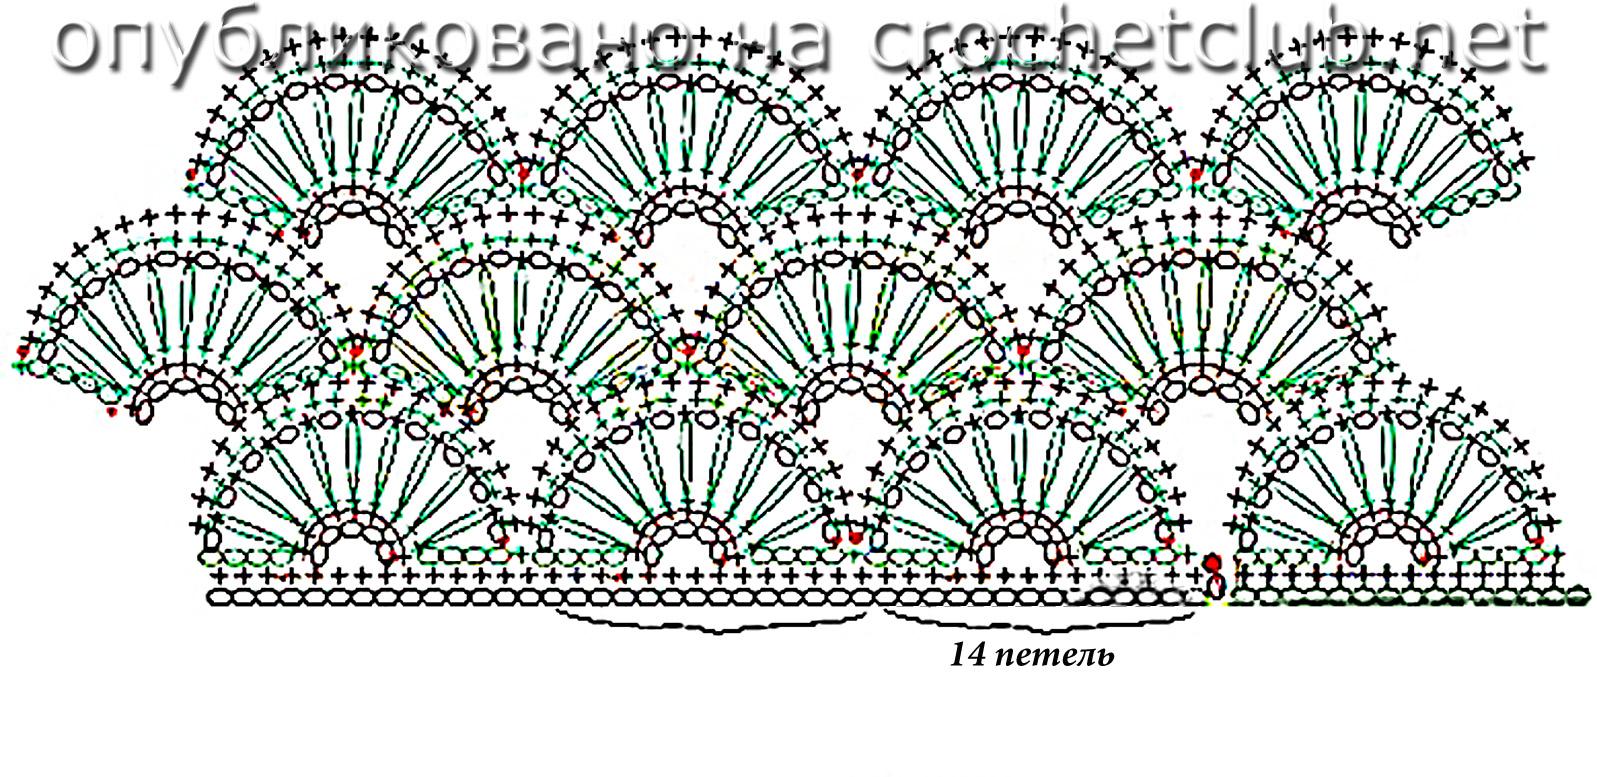 Вязание крючком схемы ракушка - Вязание - фото из журналов